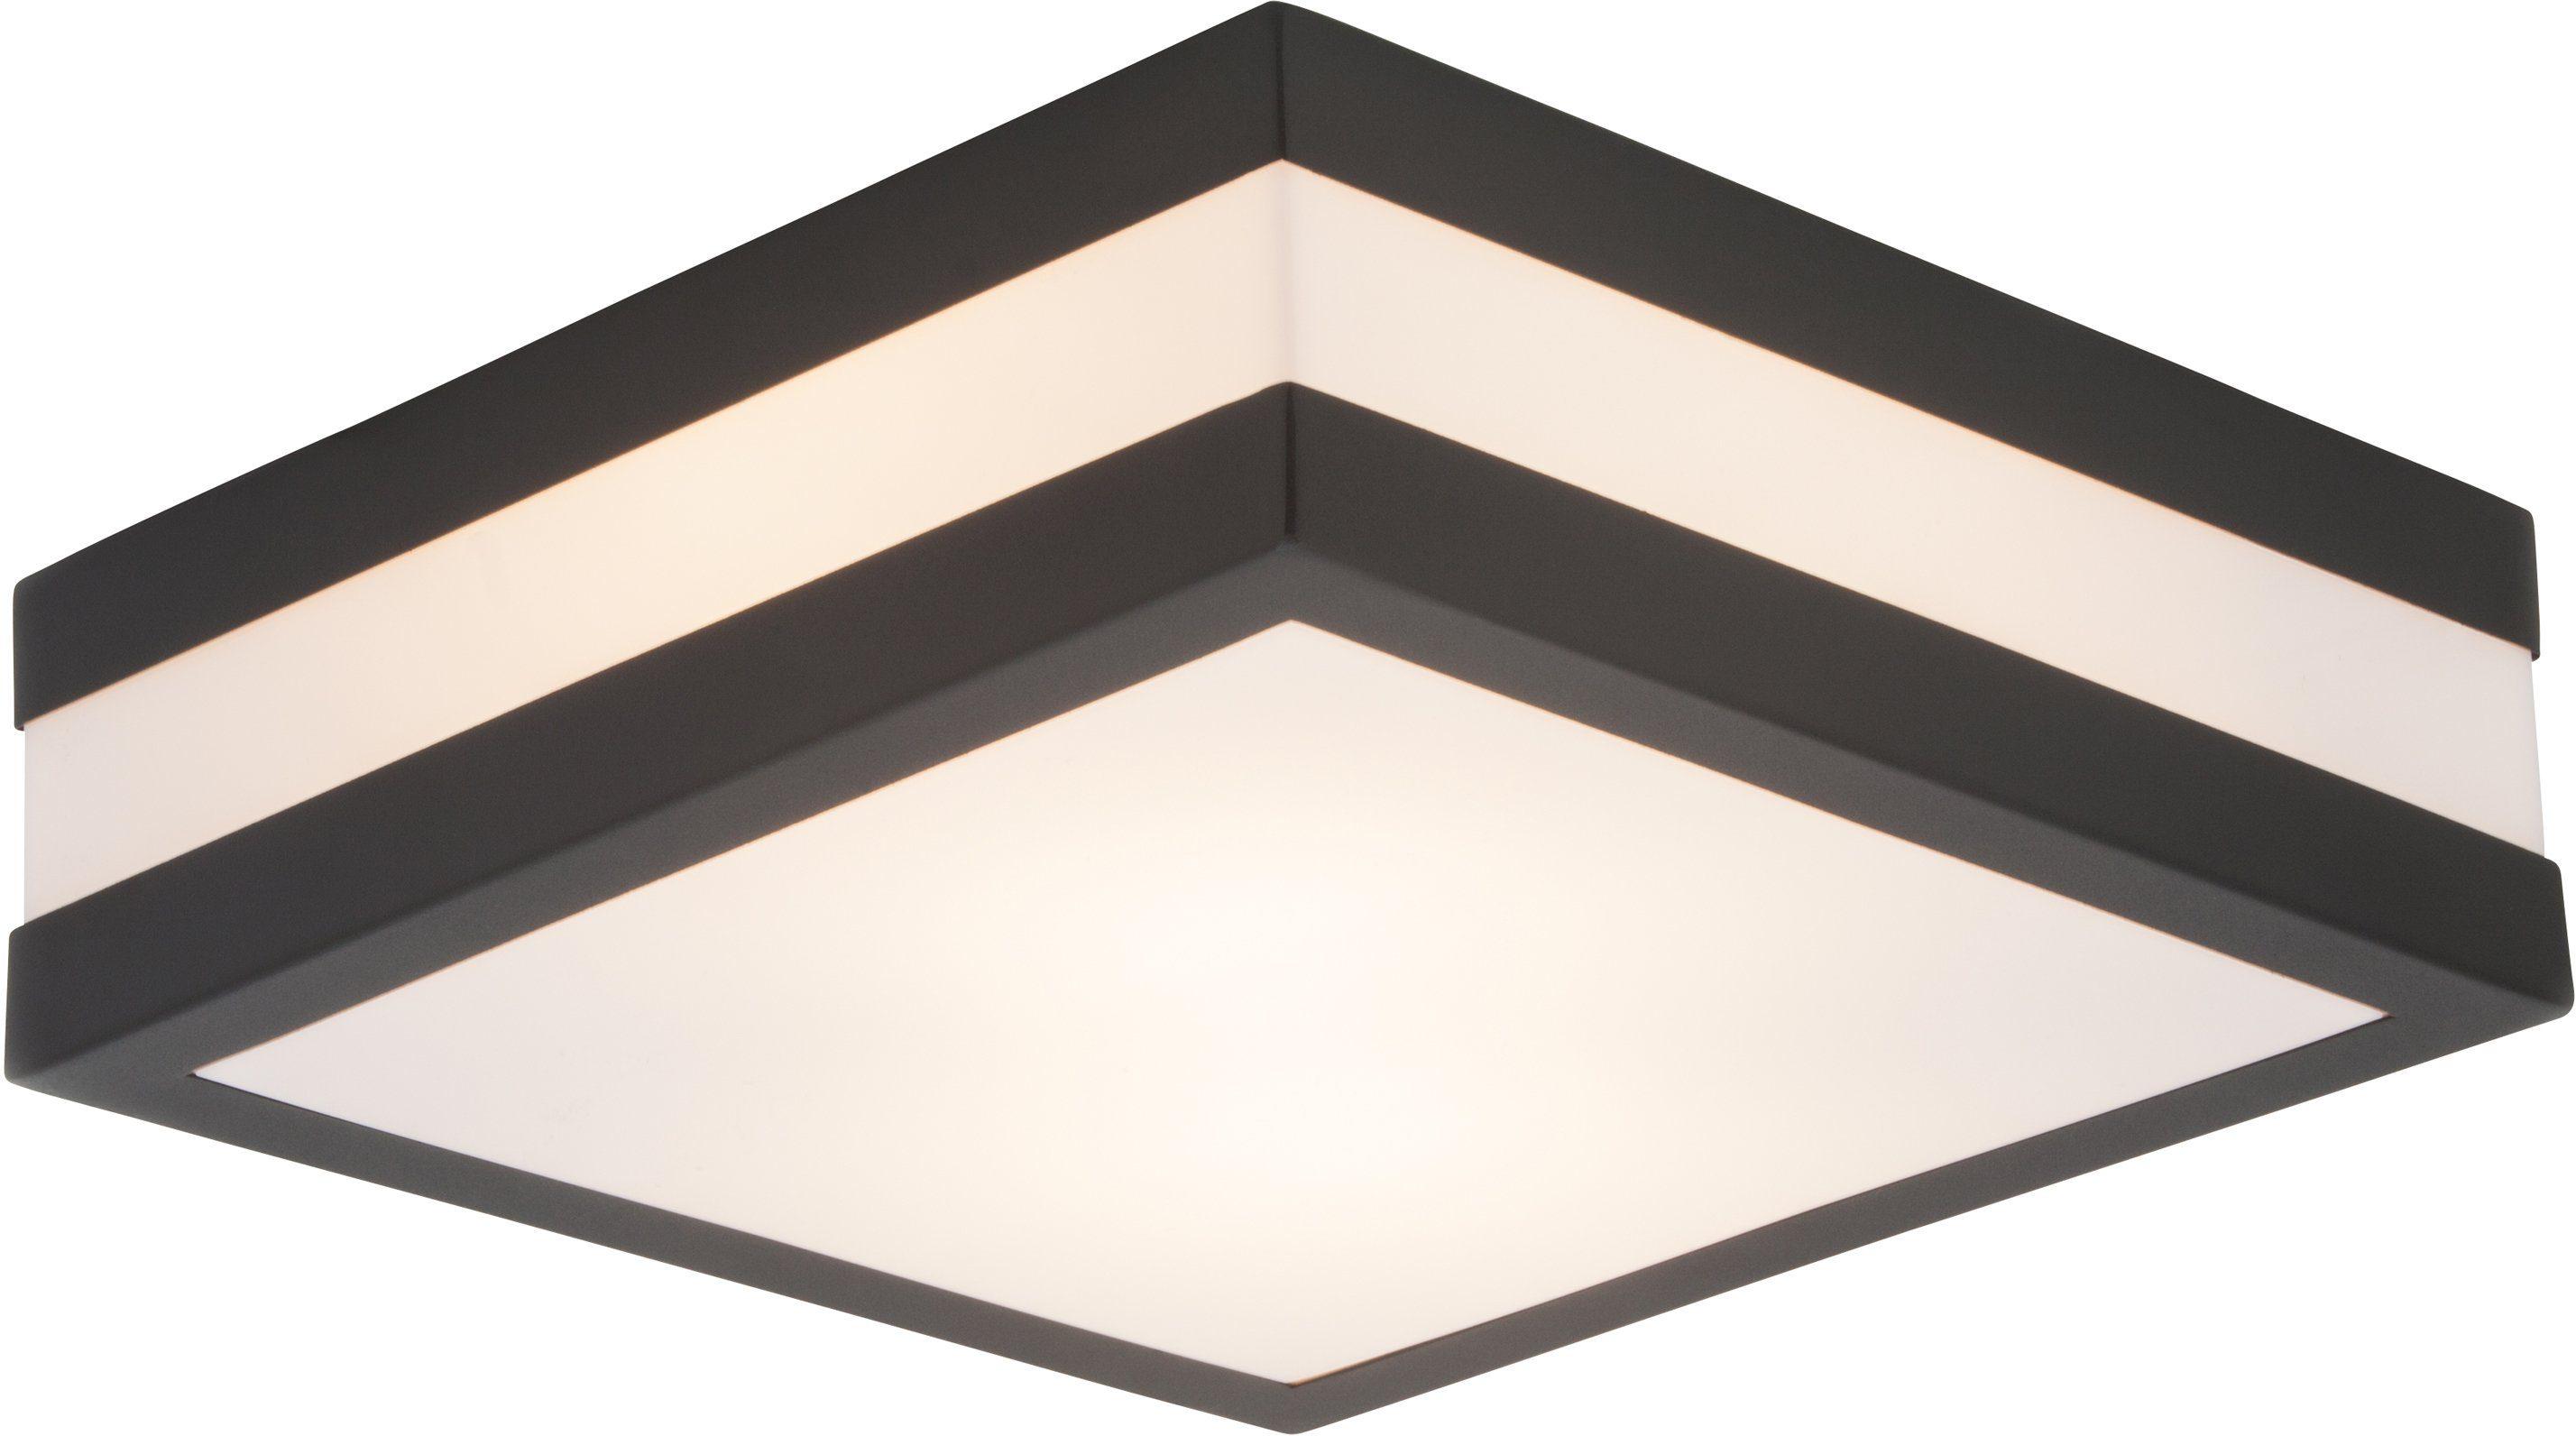 Brilliant Leuchten Außen-Deckenleuchte MATTEO, E27